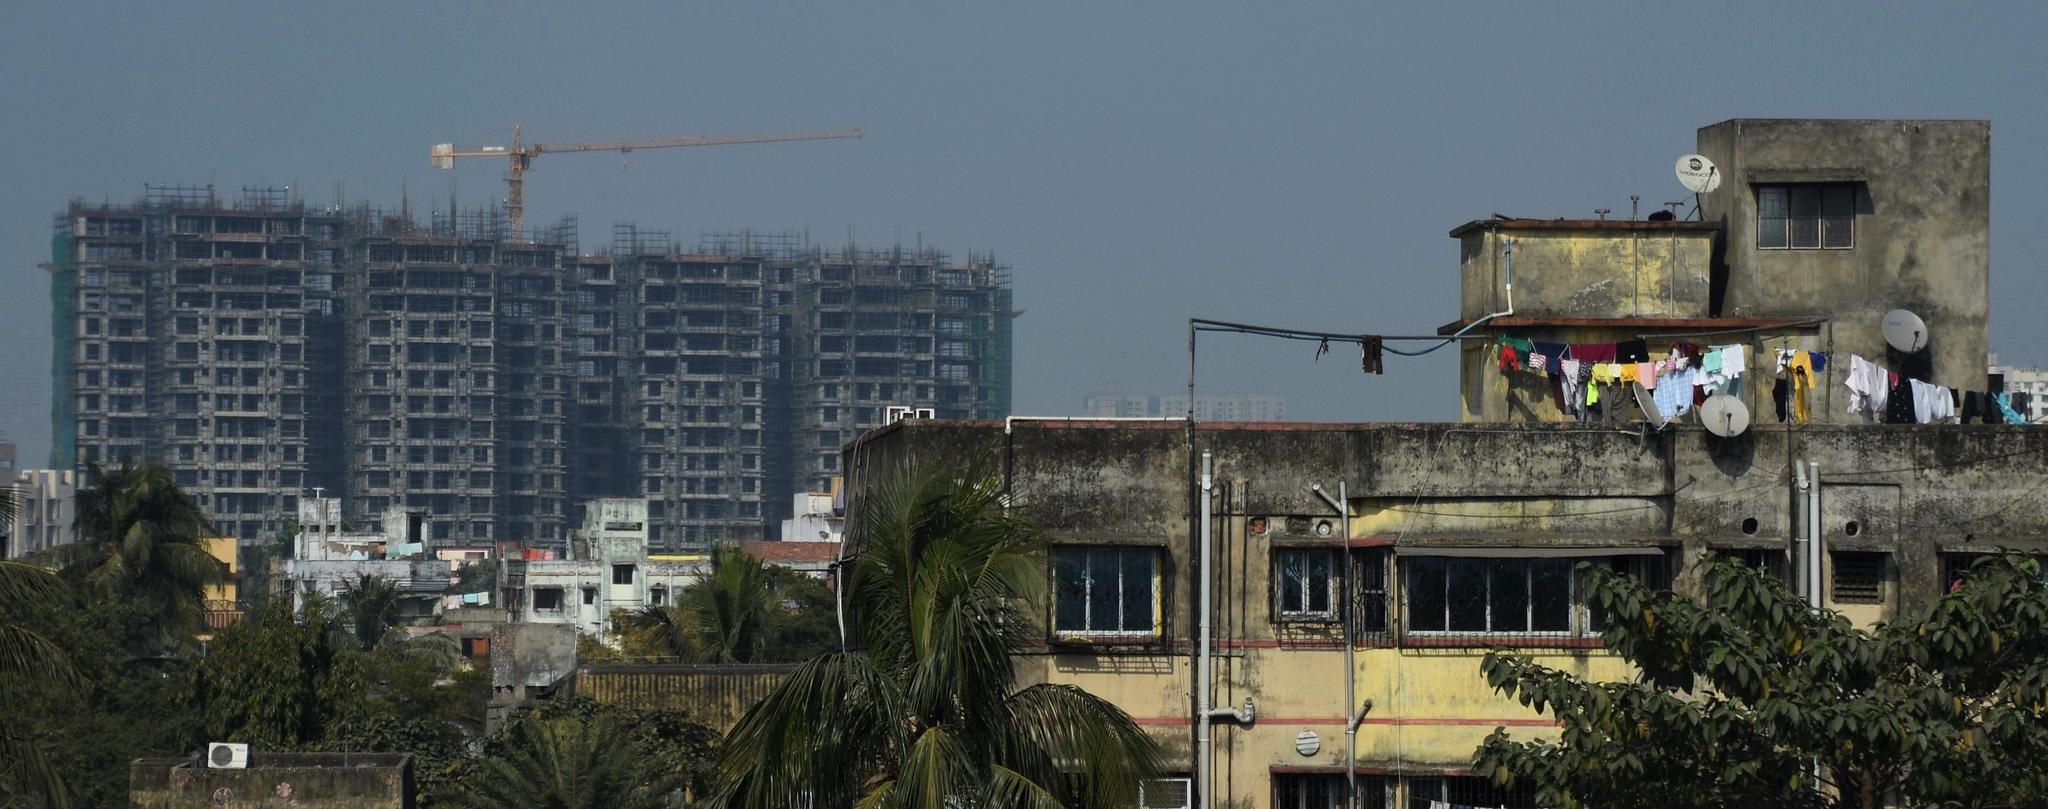 Rooftops in Kolkata